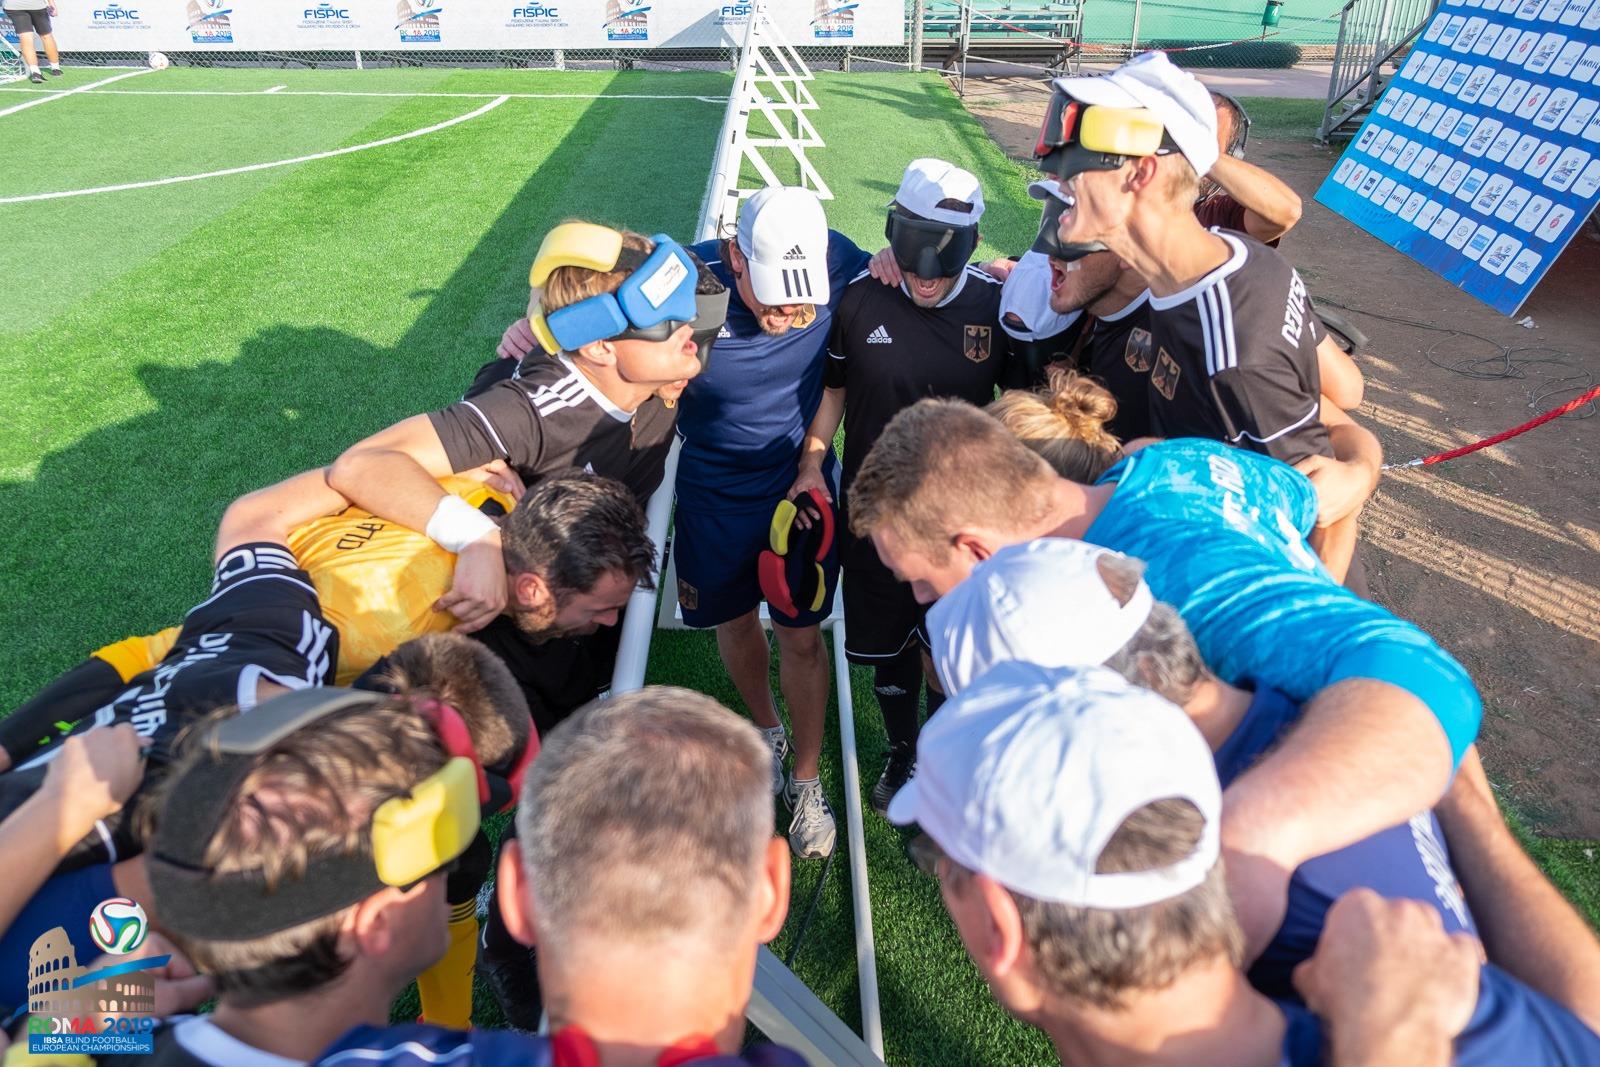 Die deutsche Mannschaft schwört sich nochmals ein gegen England: Foto: Simone Forzan, FISPIC